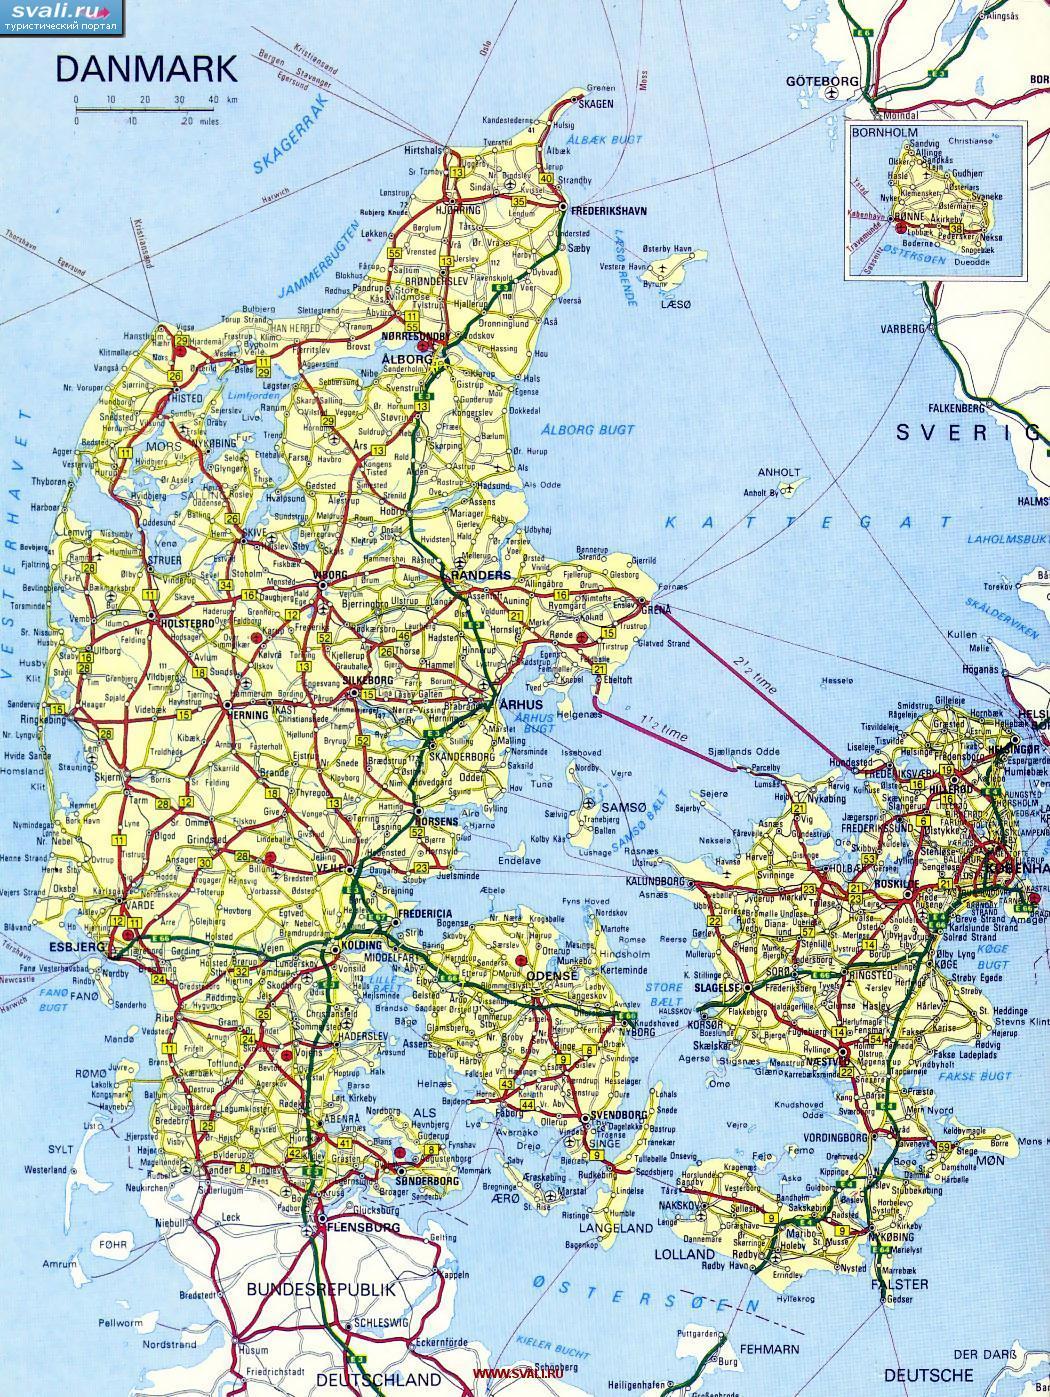 Karty Karta Avtodorog Danii Datsk Daniya Turisticheskij